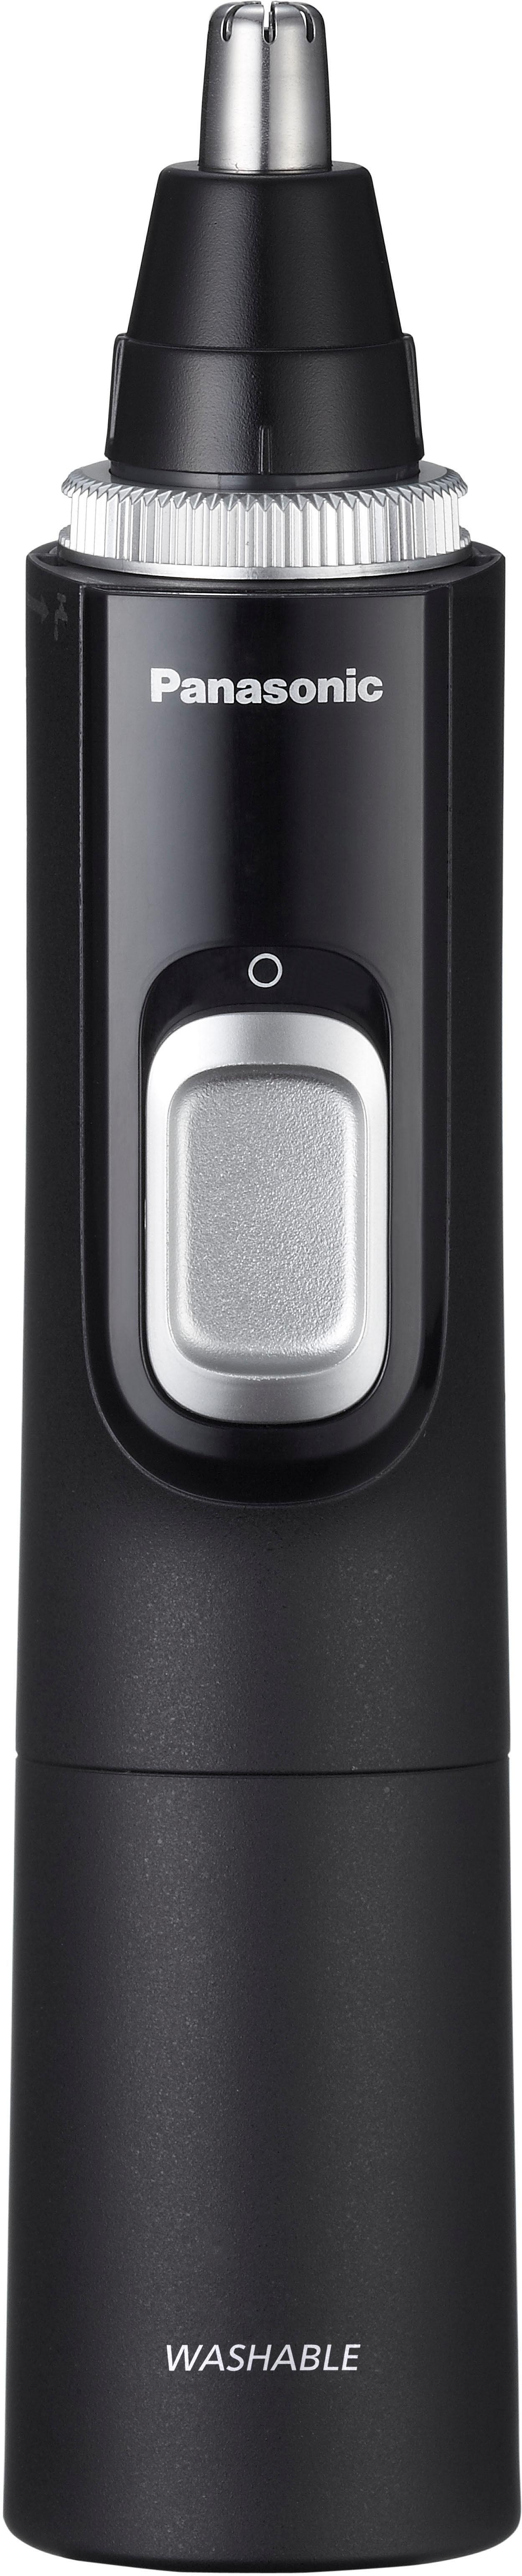 Panasonic Nasen- und Ohrhaartrimmer ER-GN300K503, mit Absaugefunktion